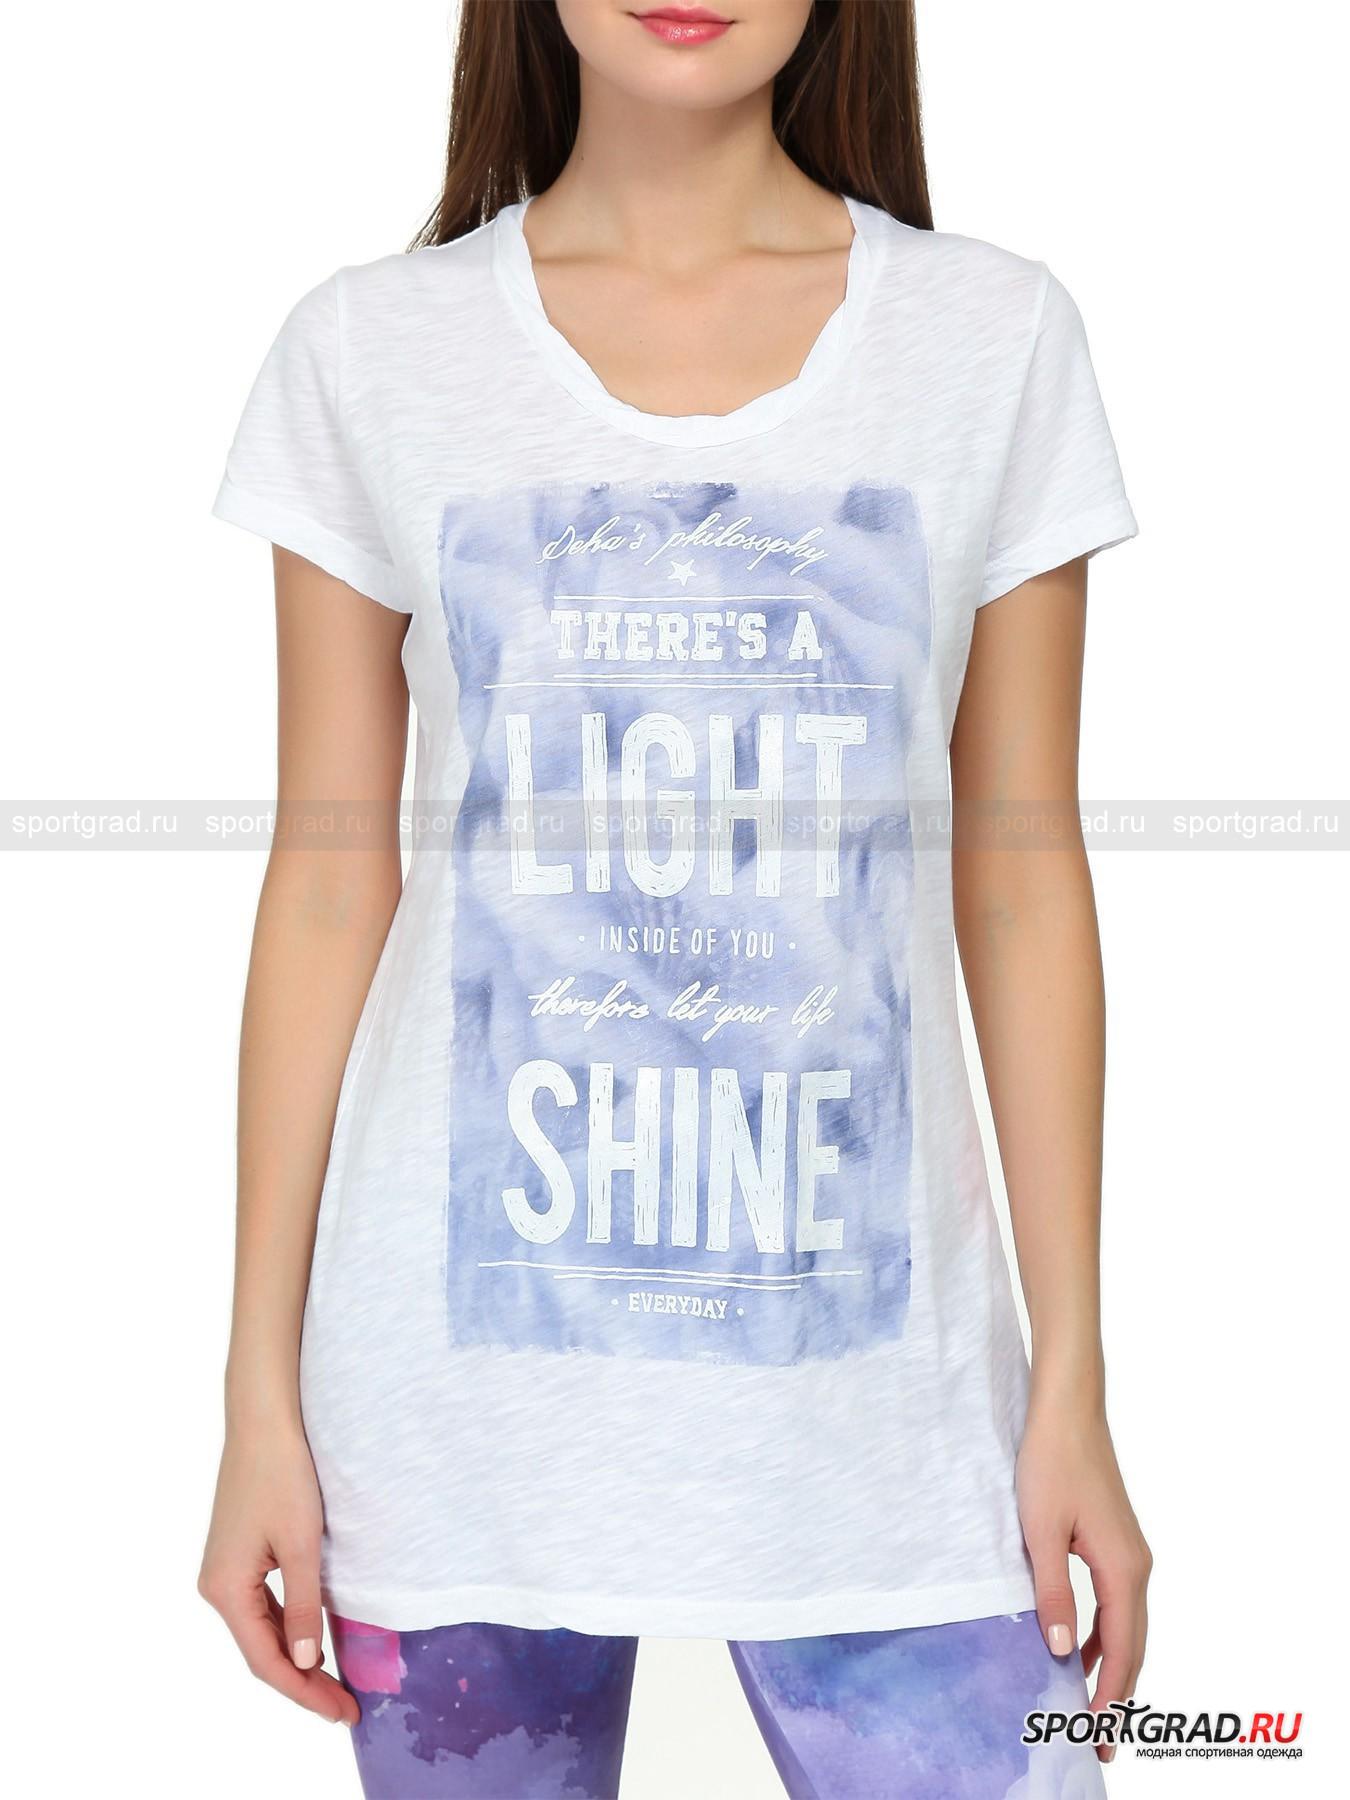 Футболка женская хлопковая T-shirt   DEHAФутболки<br>Удлиненная футболка T-shirt DEHA составит идеальную компанию леггинсам или облегающим брюкам. Она не так проста, как кажется на первый взгляд: материал, из которого сделана футболка, благодаря уникальной технологии изготовления имеет неоднородную текстуру, и белый цвет изделия выглядит не скучно, а оригинально и модно. Расслабленный покрой скроет возможные недостатки фигуры, немного «мятая» горловину добавит образу небрежности, а надпись на груди расскажет миру о жизненной философии девушки в стиле Deha – сиять всегда  и везде.<br><br>Пол: Женский<br>Возраст: Взрослый<br>Тип: Футболки<br>Рекомендации по уходу: стирка в теплой воде до 30 С; не отбеливать; гладить слегка нагретым утюгом (температура до 120 C); только сухая чистка; нельзя выжимать и сушить в стиральной машине<br>Состав: 100% хлопок